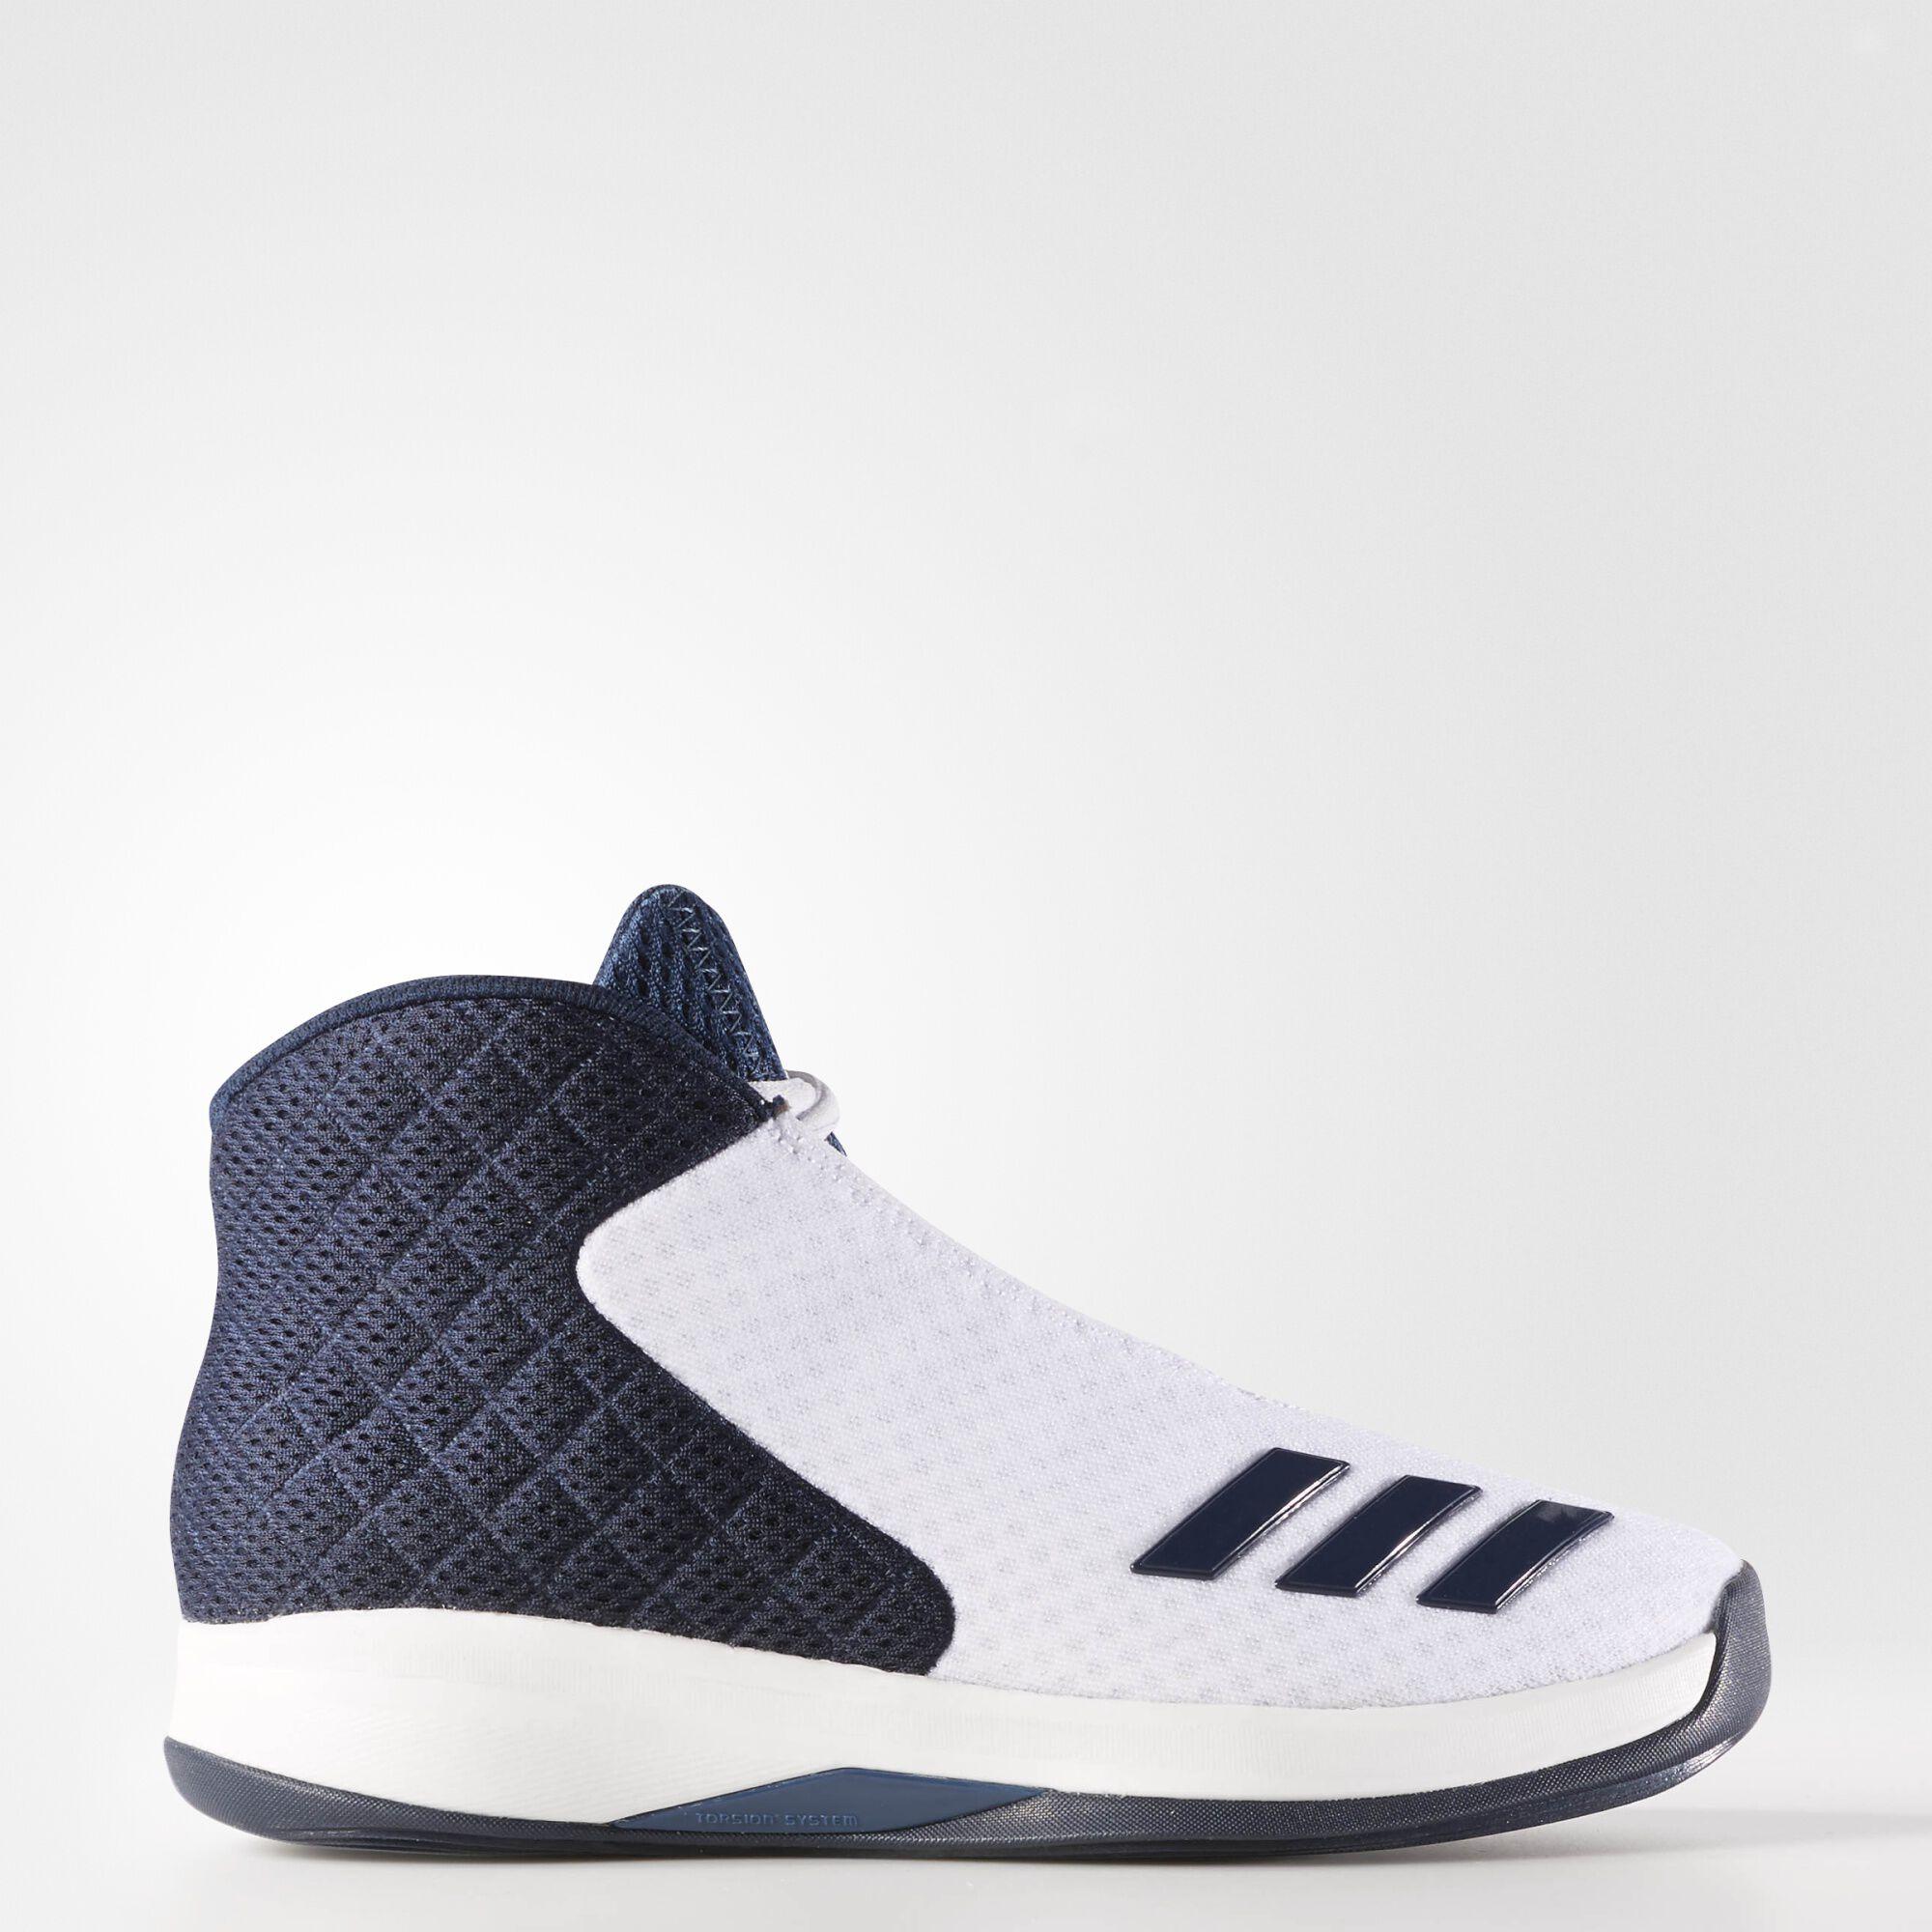 Zapatillas Adidas Blancas Para Niños